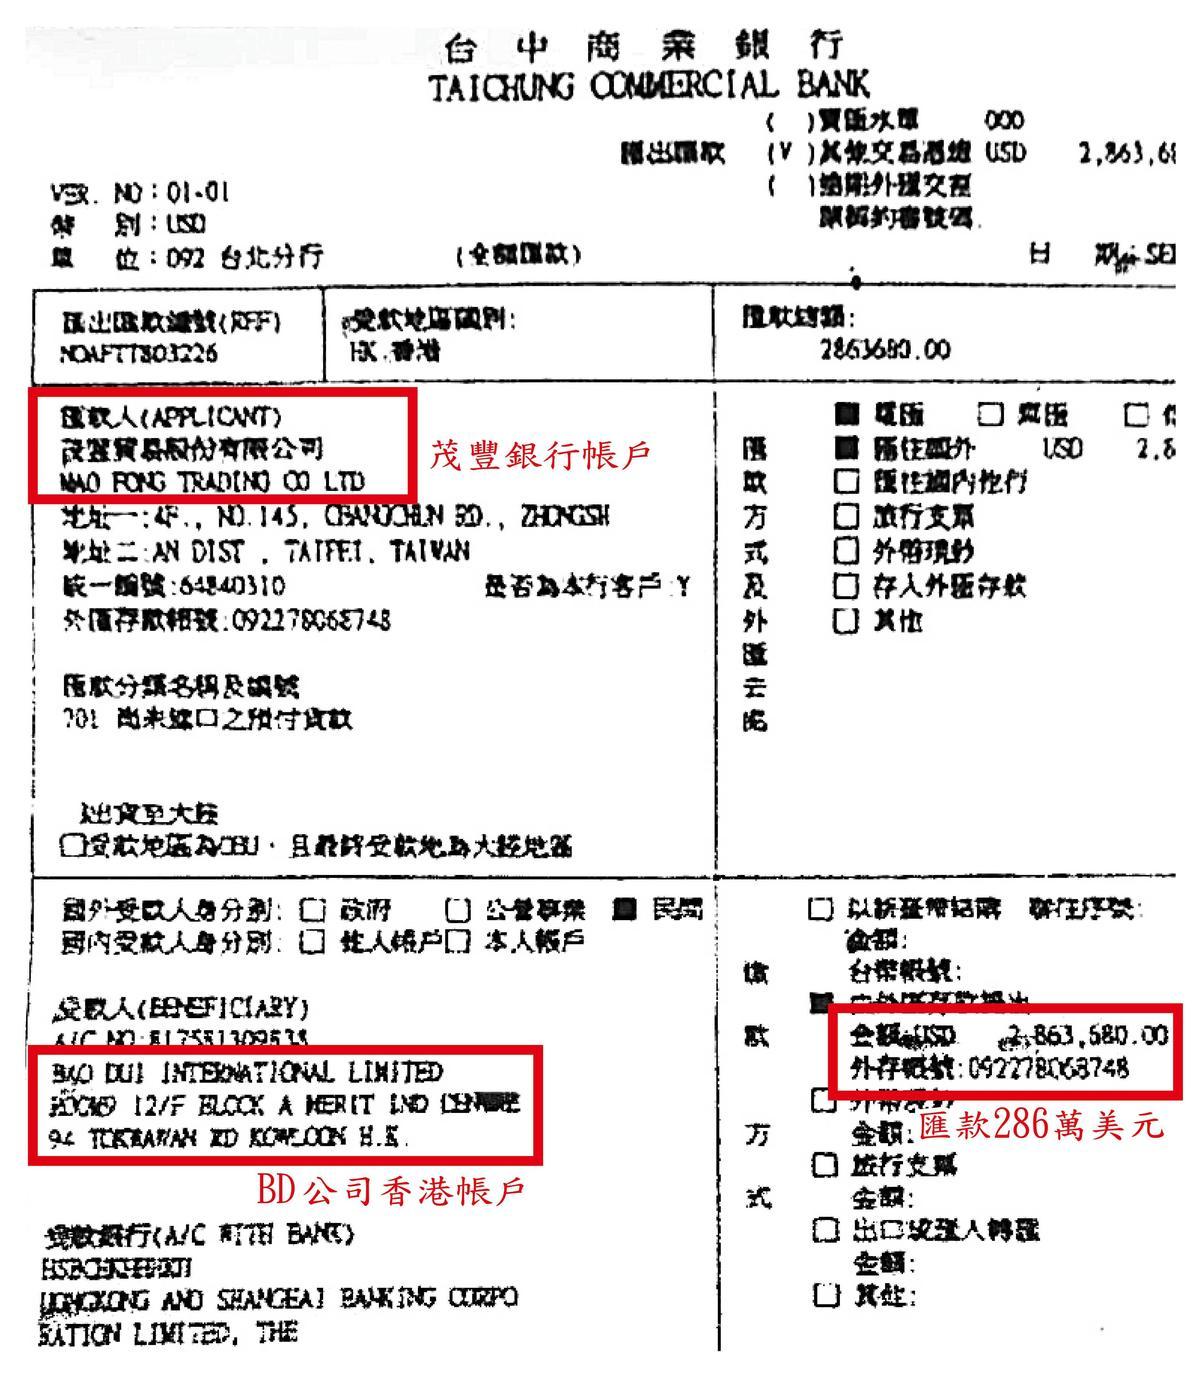 本刊取得葉美麗透過茂豐的銀行帳戶,匯款286萬美元(約新台幣8,800萬元)到BD公司香港帳戶的交易憑證,疑涉掏空誠美材。